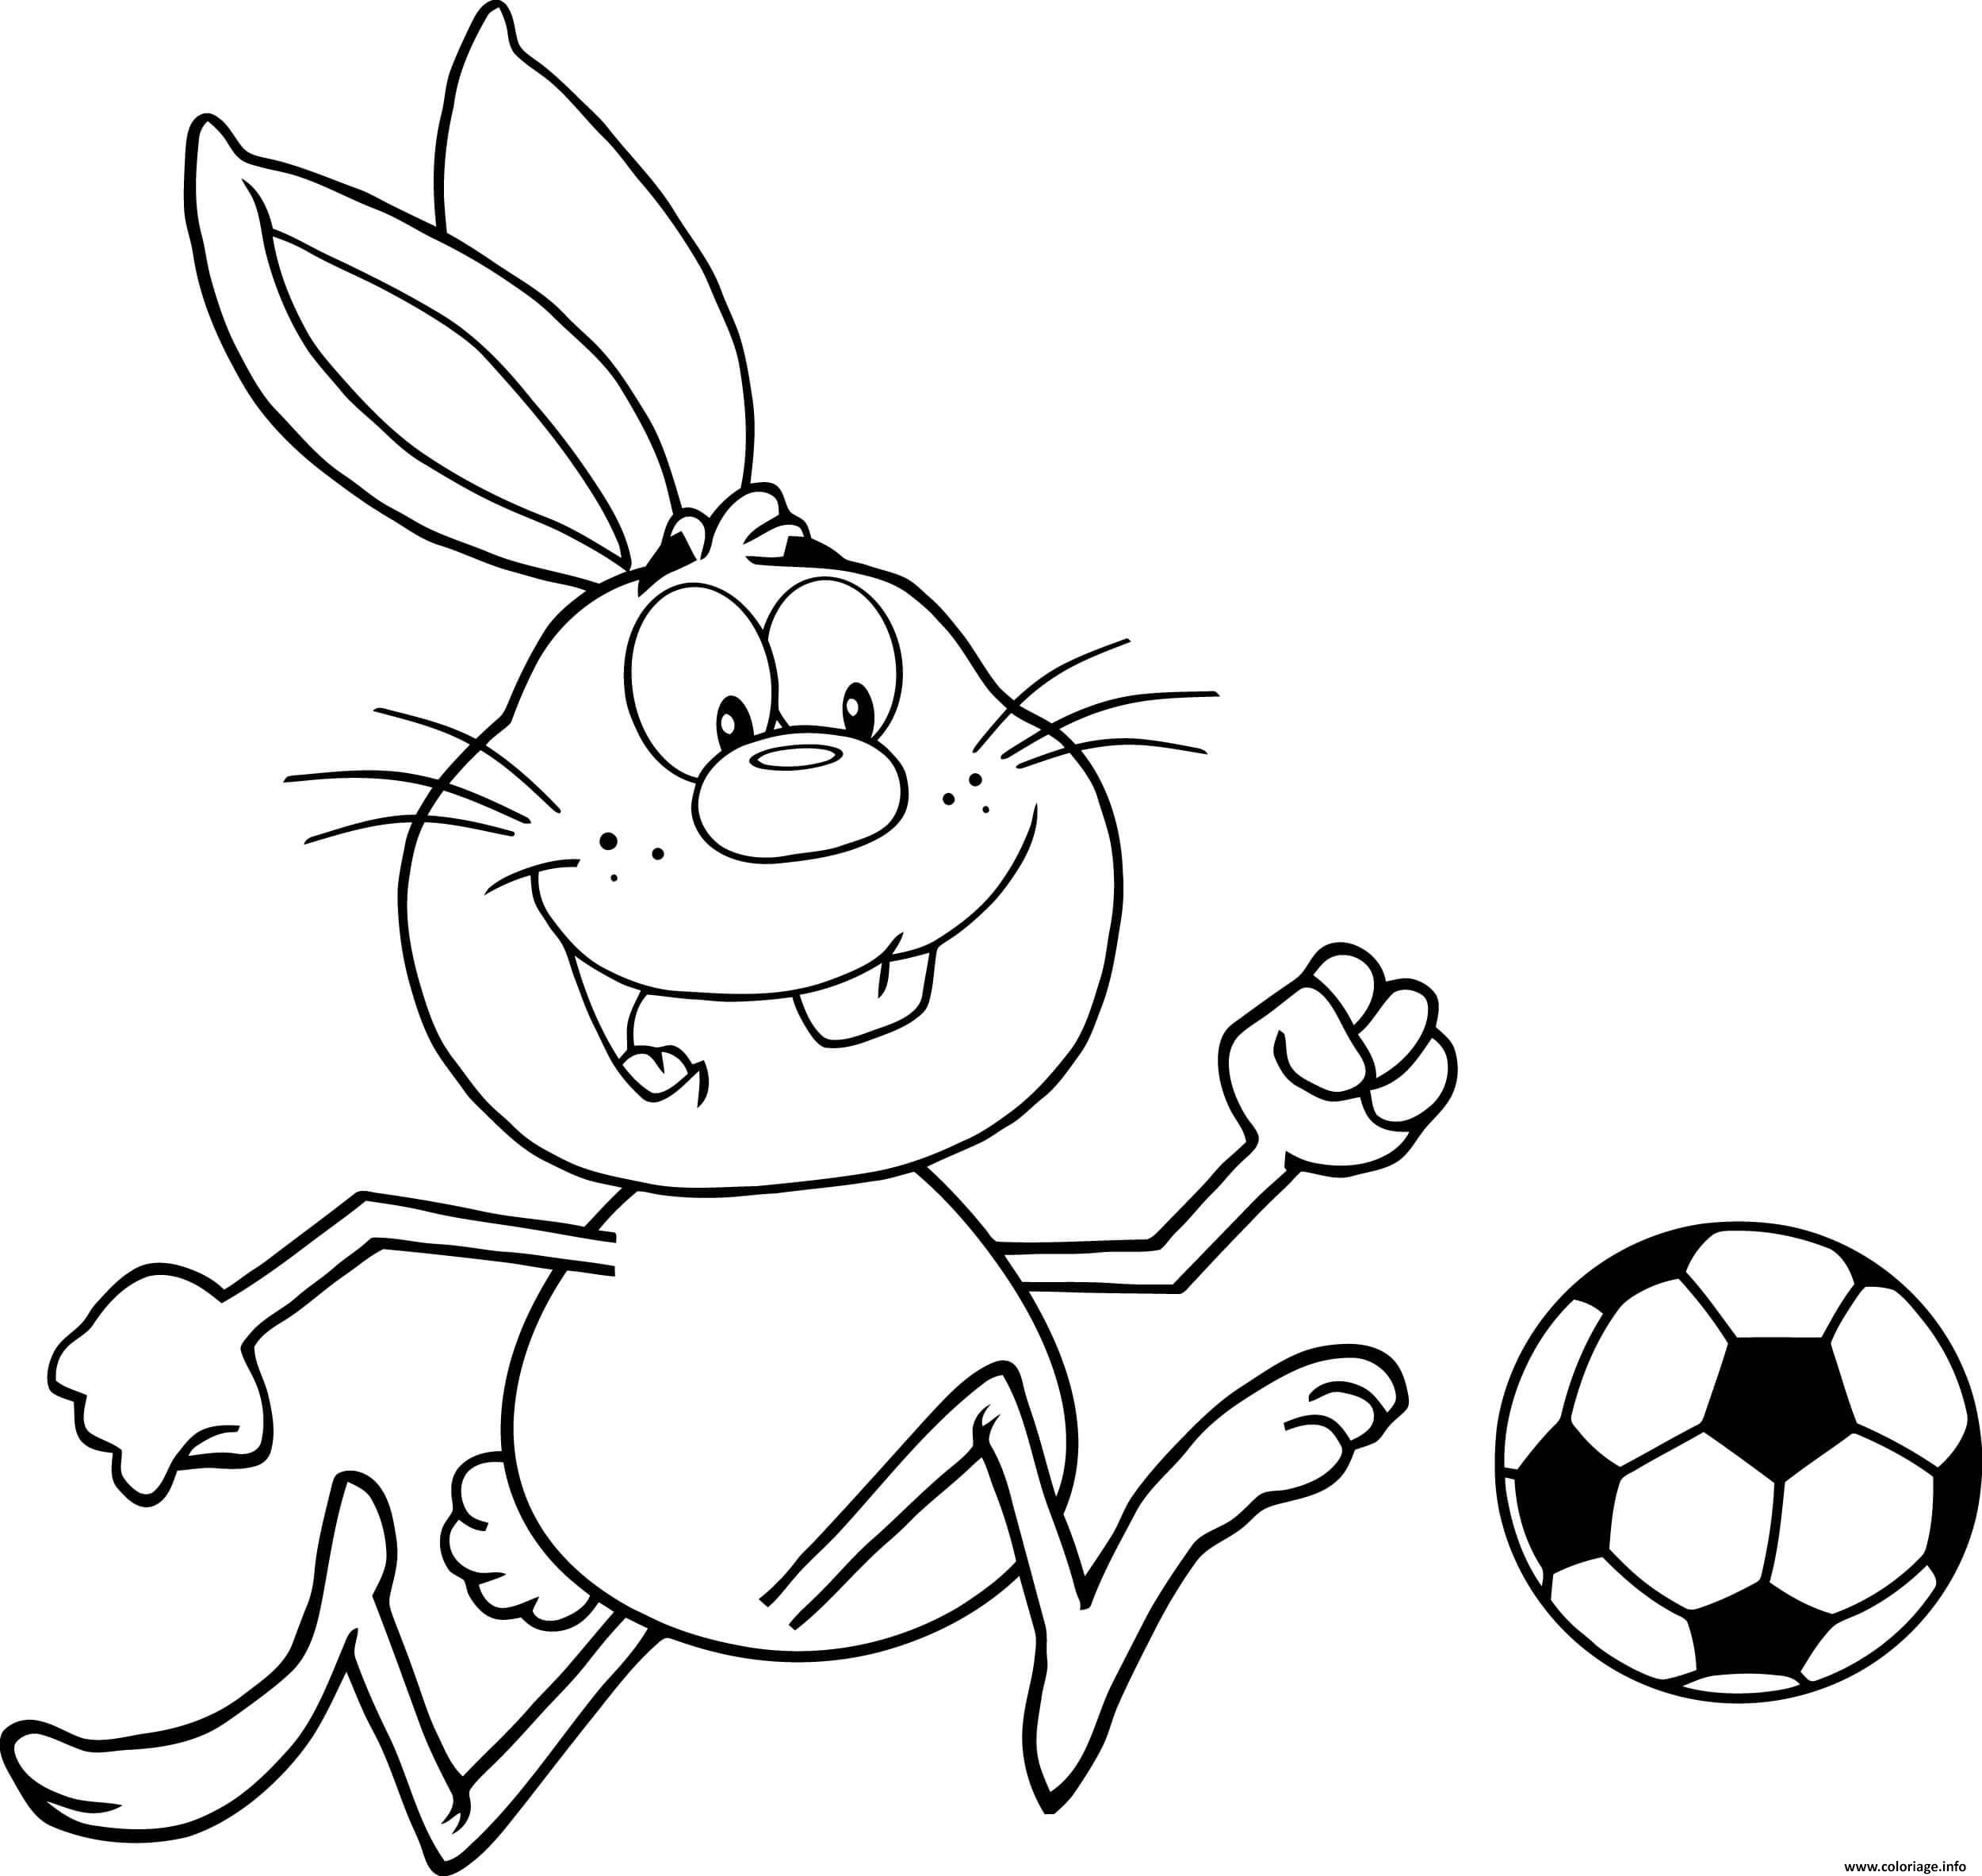 Coloriage lapin qui joue au foot - Fille joue au foot ...